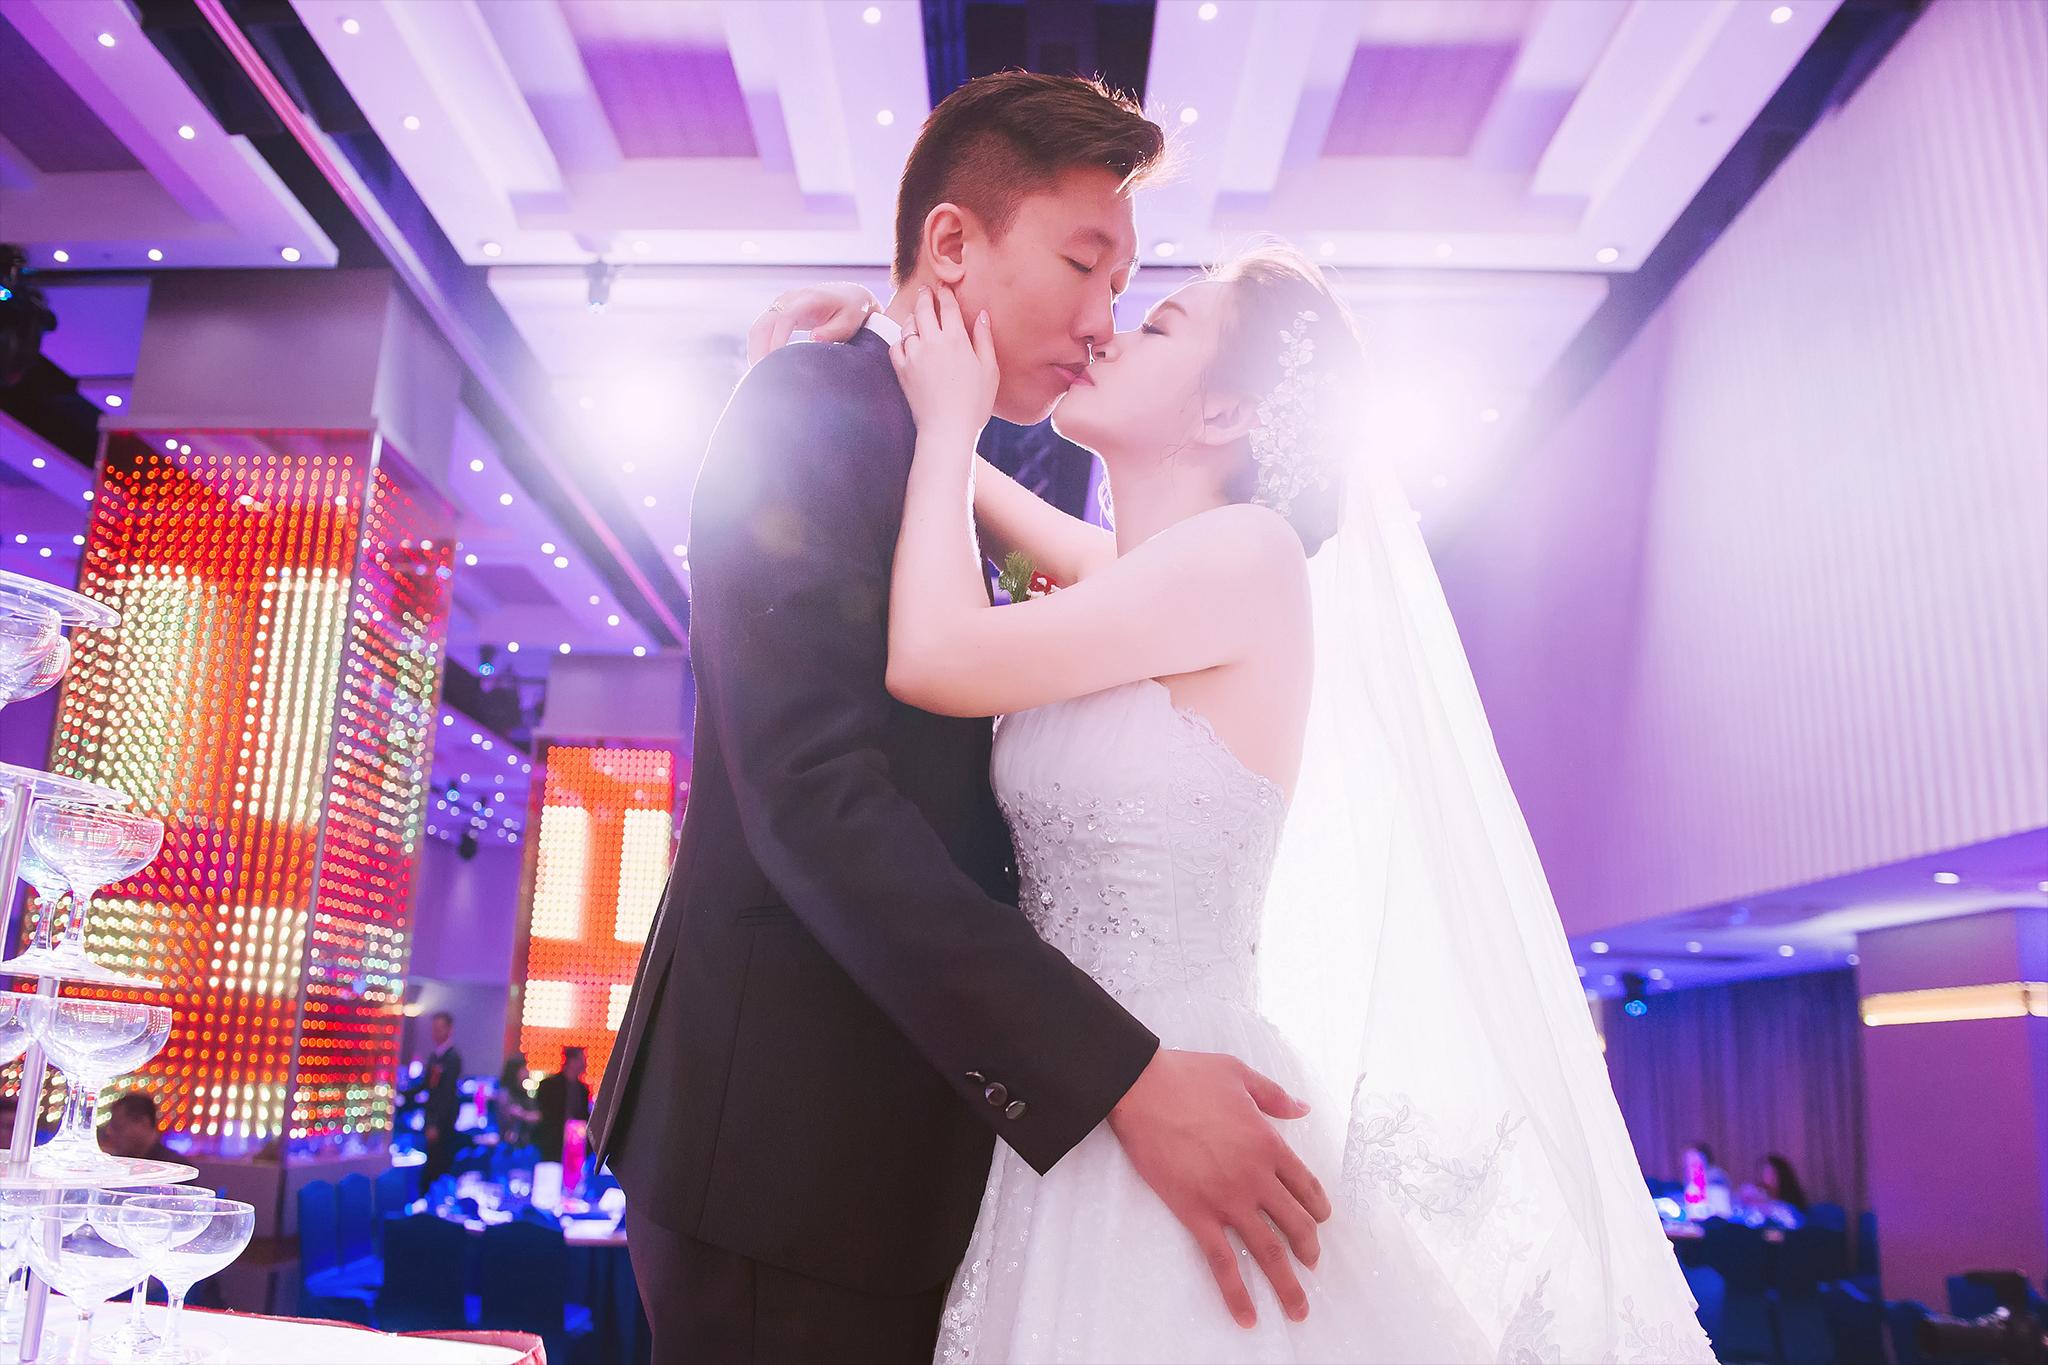 www.ivanwed.com; 儀式; 北部婚攝; 台北婚攝; 婚攝; 婚攝推薦; 婚禮; 婚禮平面攝影師; 婚禮拍照; 婚禮記錄; 婚紗; 孕婦寫真; 新祕; 結婚; 自助婚紗; 艾文; 艾文婚禮記錄; 訂婚;基隆彭園會館